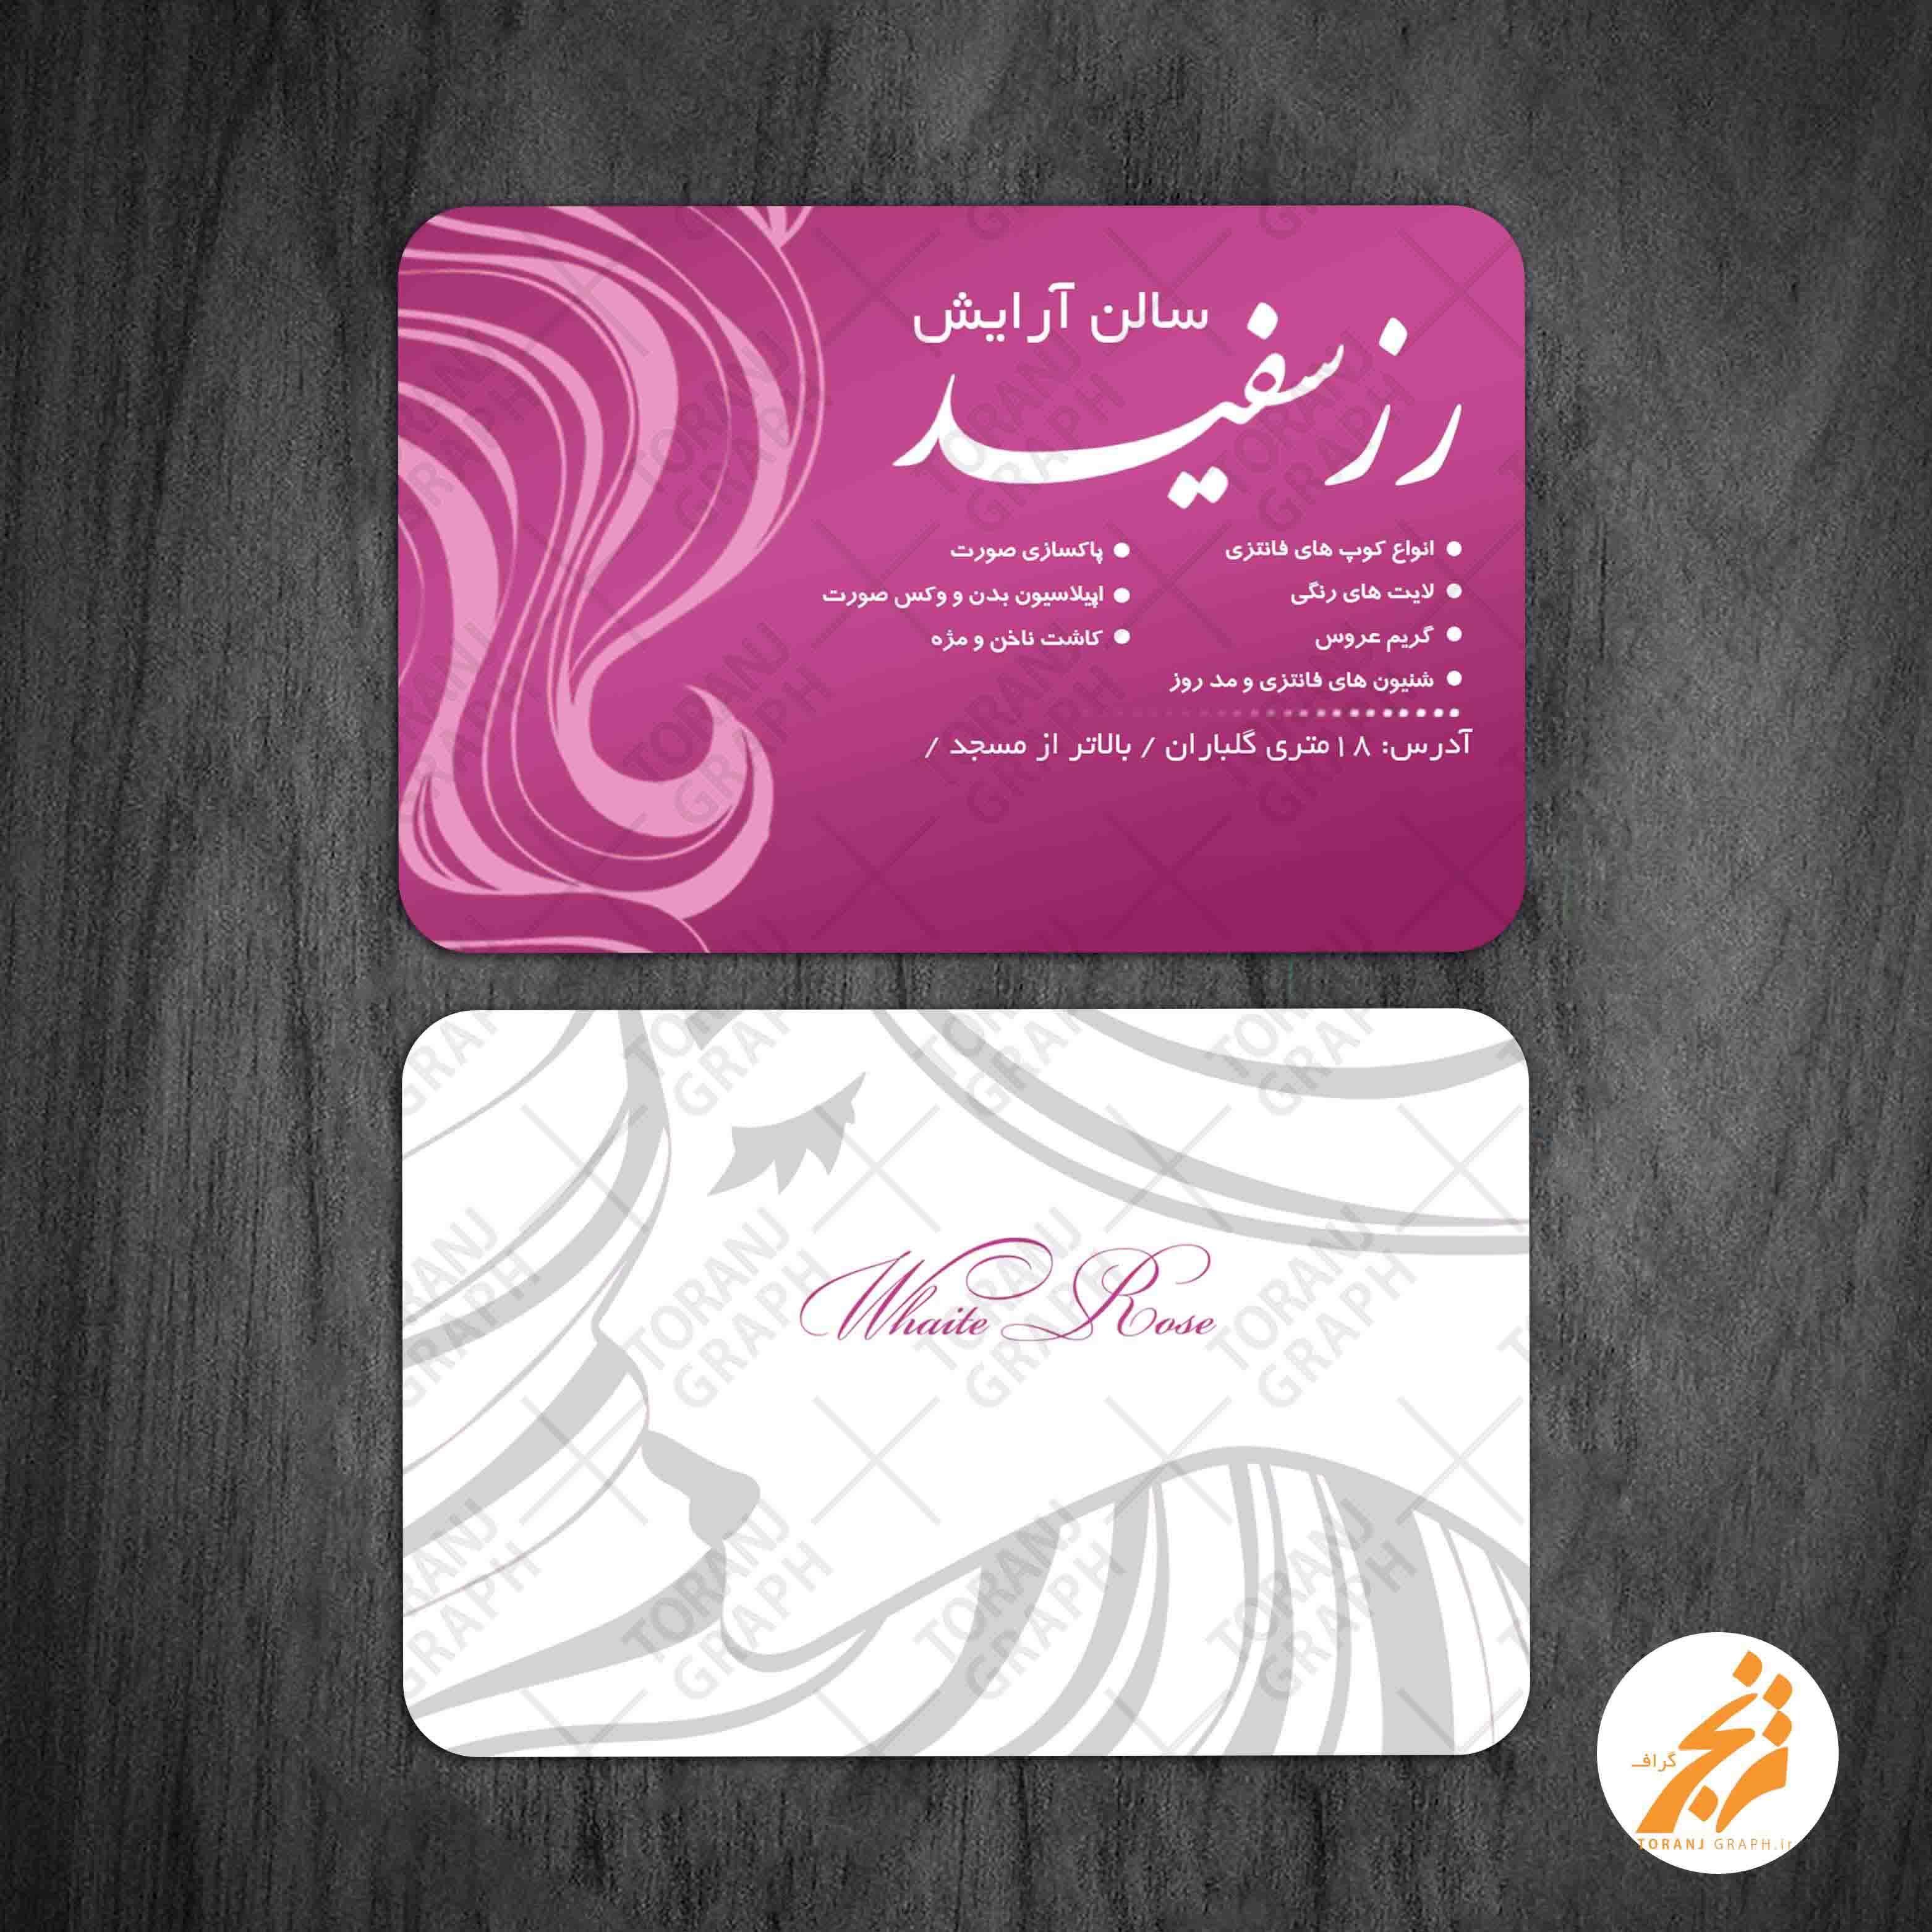 دانلود کارت ویزیت لایه باز سالن آرایش و زیبایی